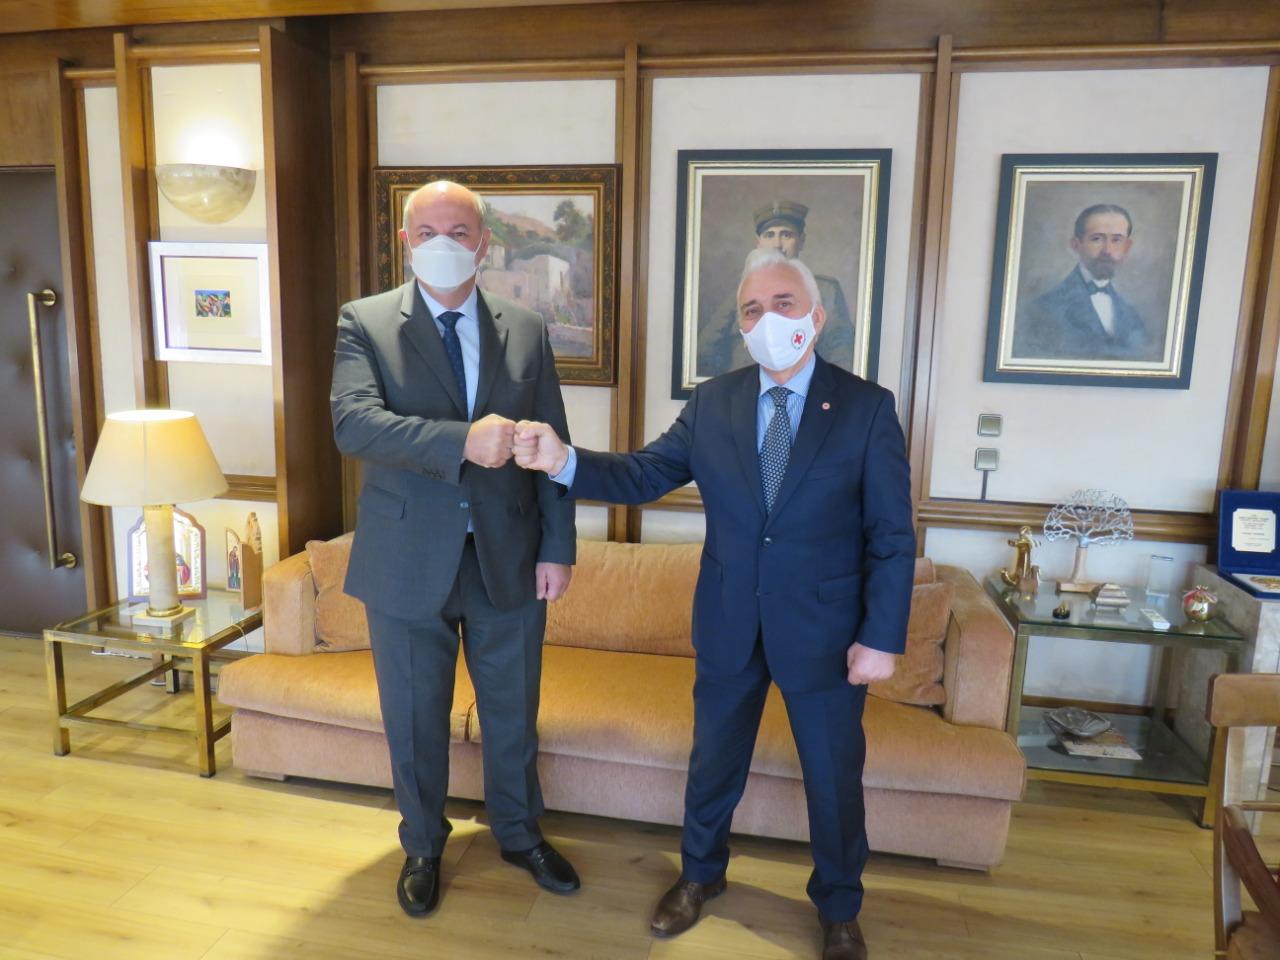 Μνημόνιο Συνεργασίας μεταξύ Υπoυργείου Δικαιοσύνης και Ερυθρού Σταυρού